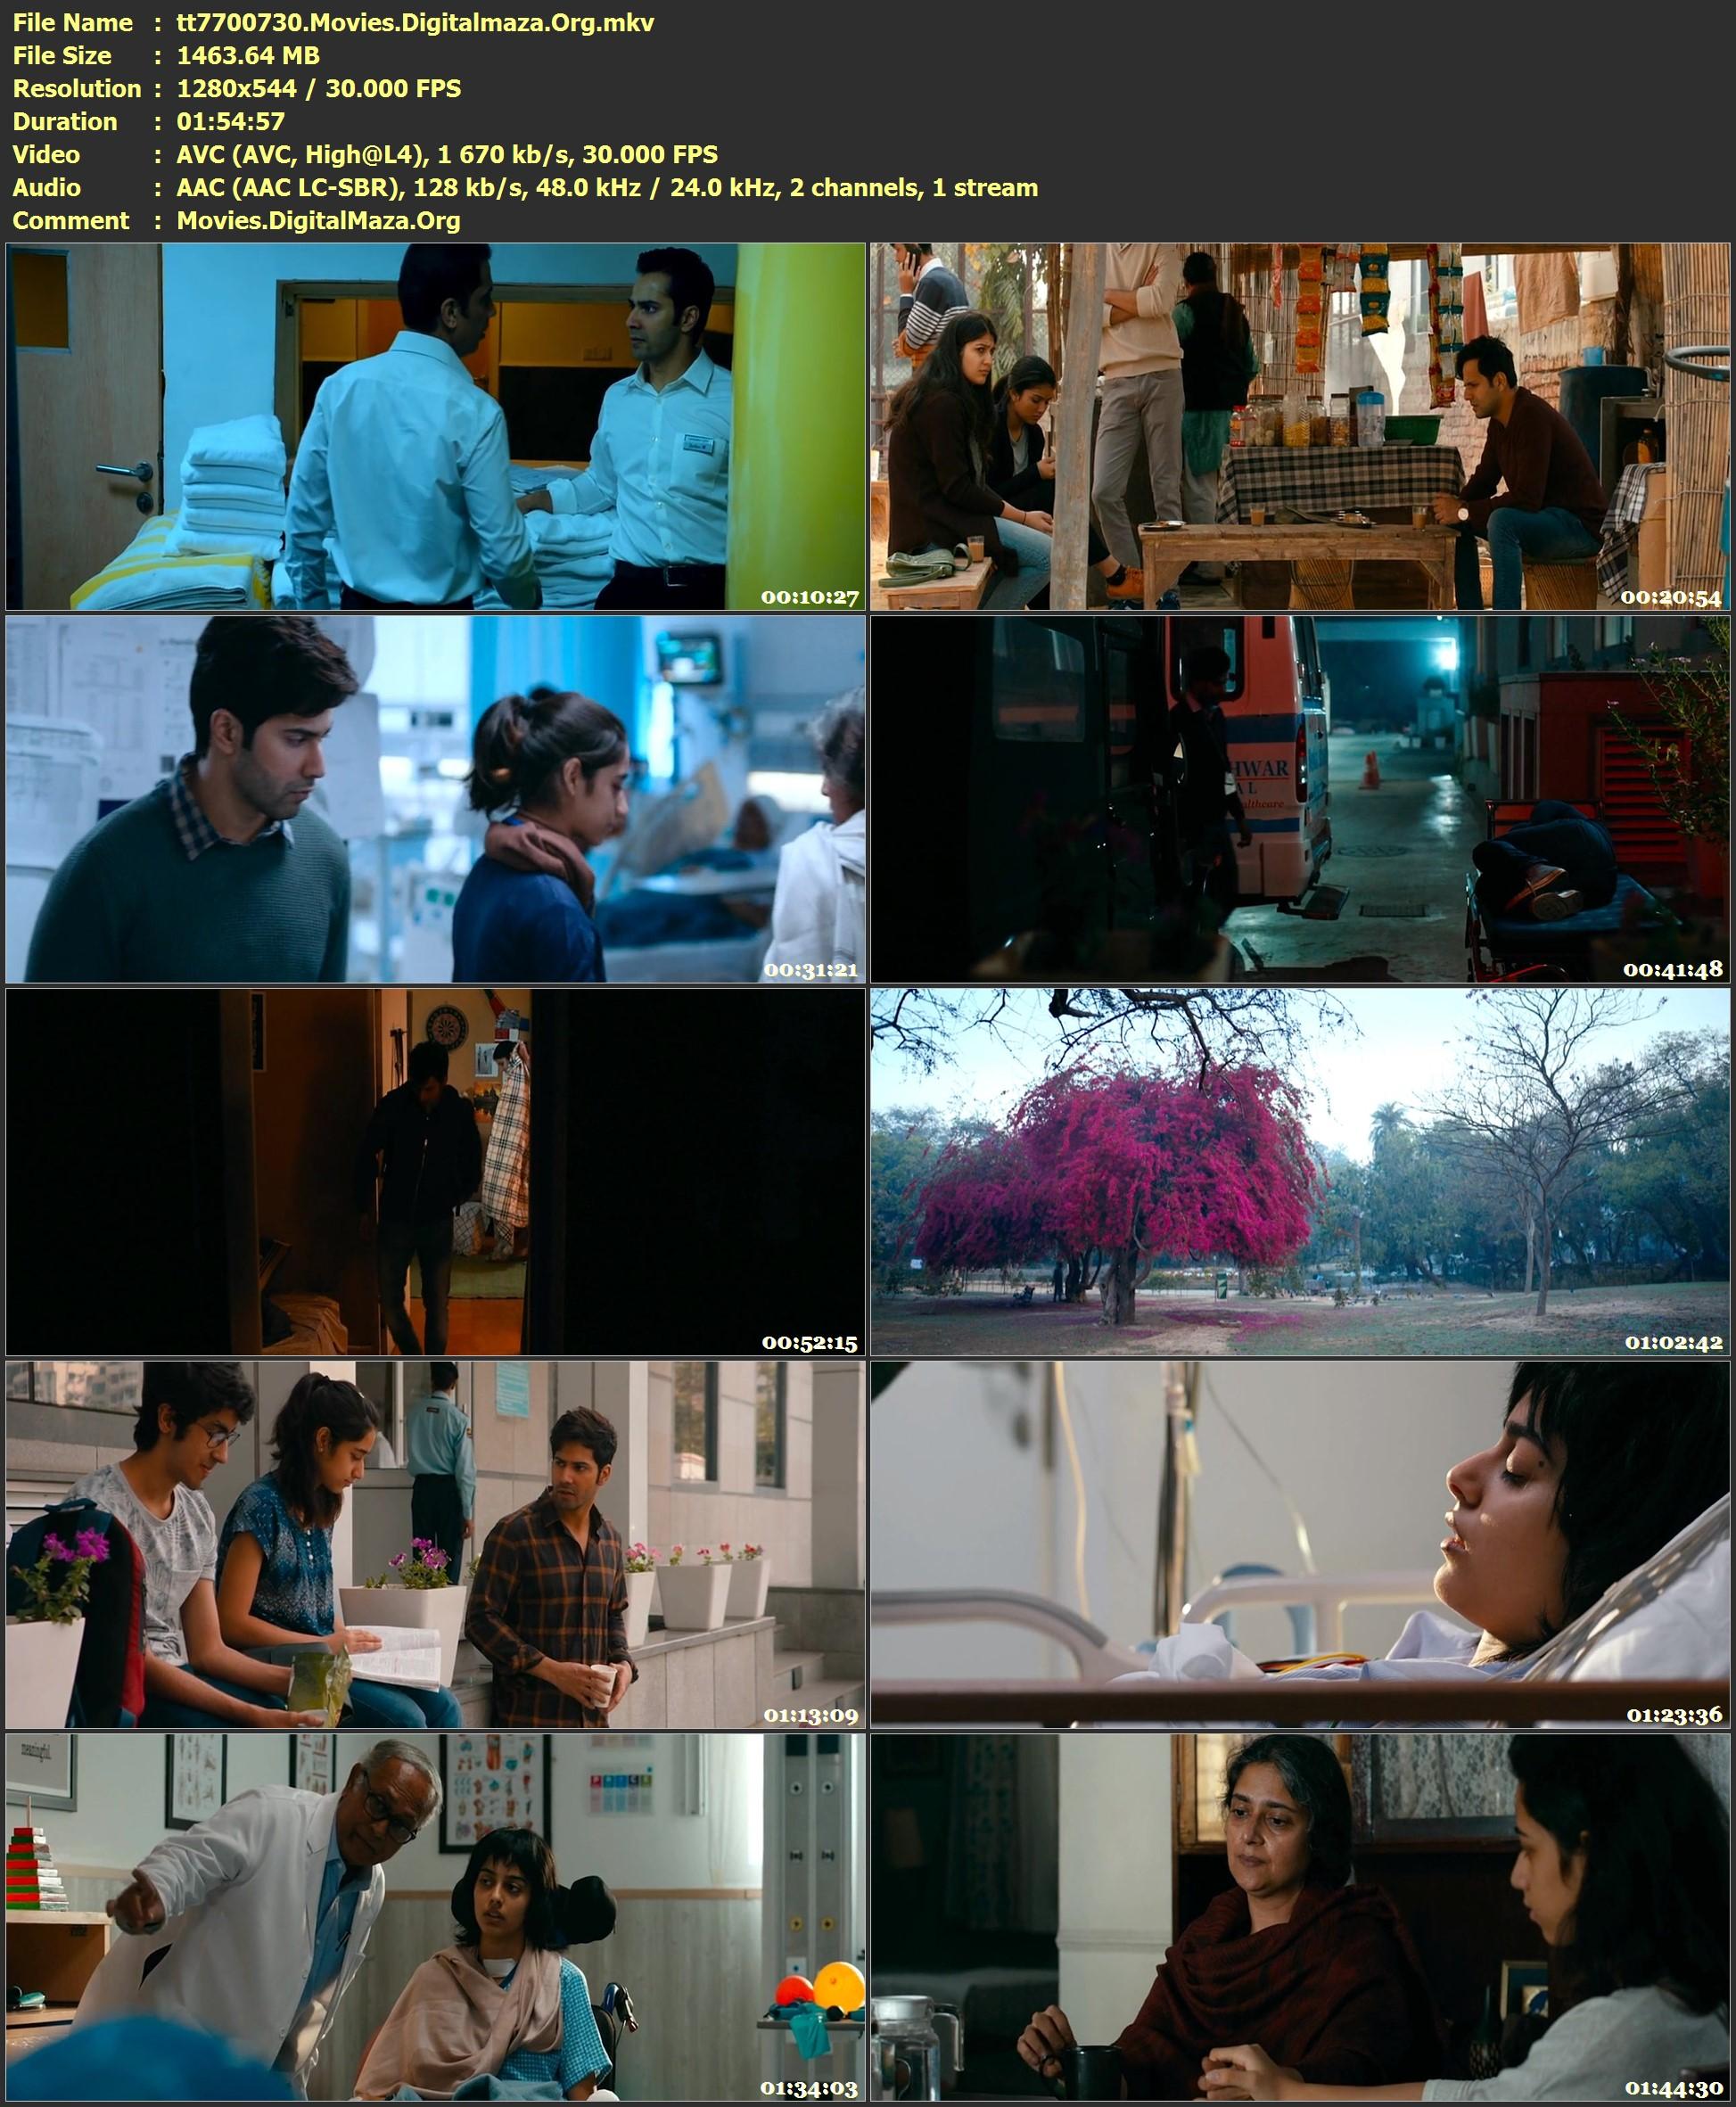 https://image.ibb.co/kr2PtT/tt7700730_Movies_Digitalmaza_Org_mkv.jpg